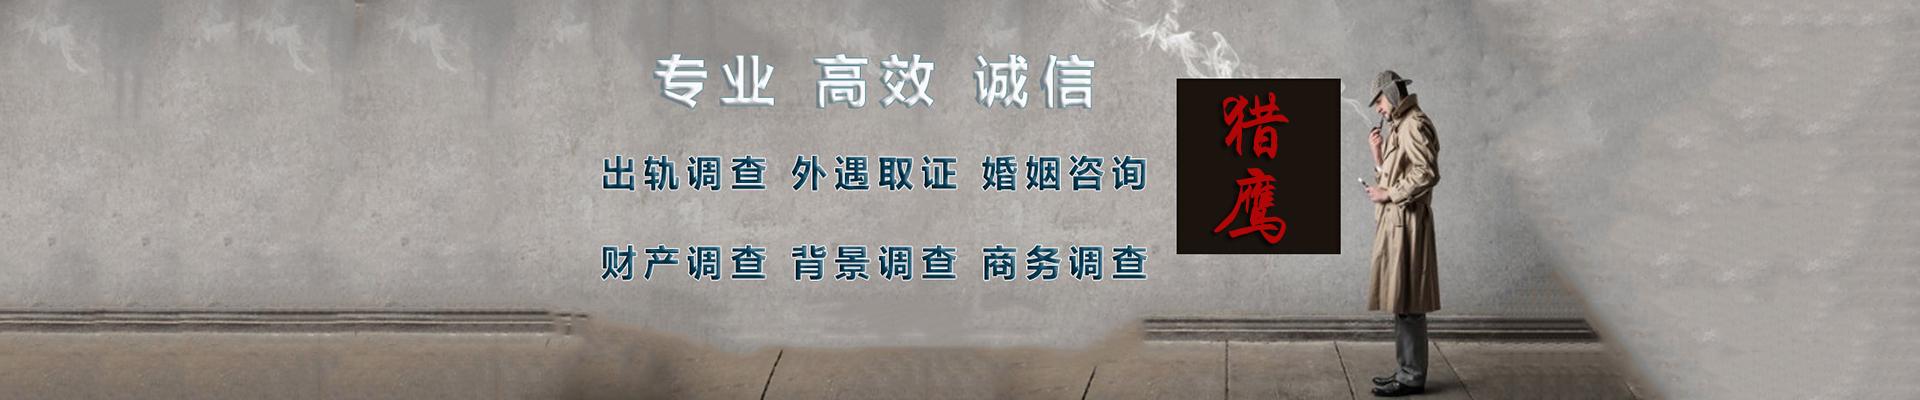 万博万博体育官网万博官方app下载万博manbetx网页版注册